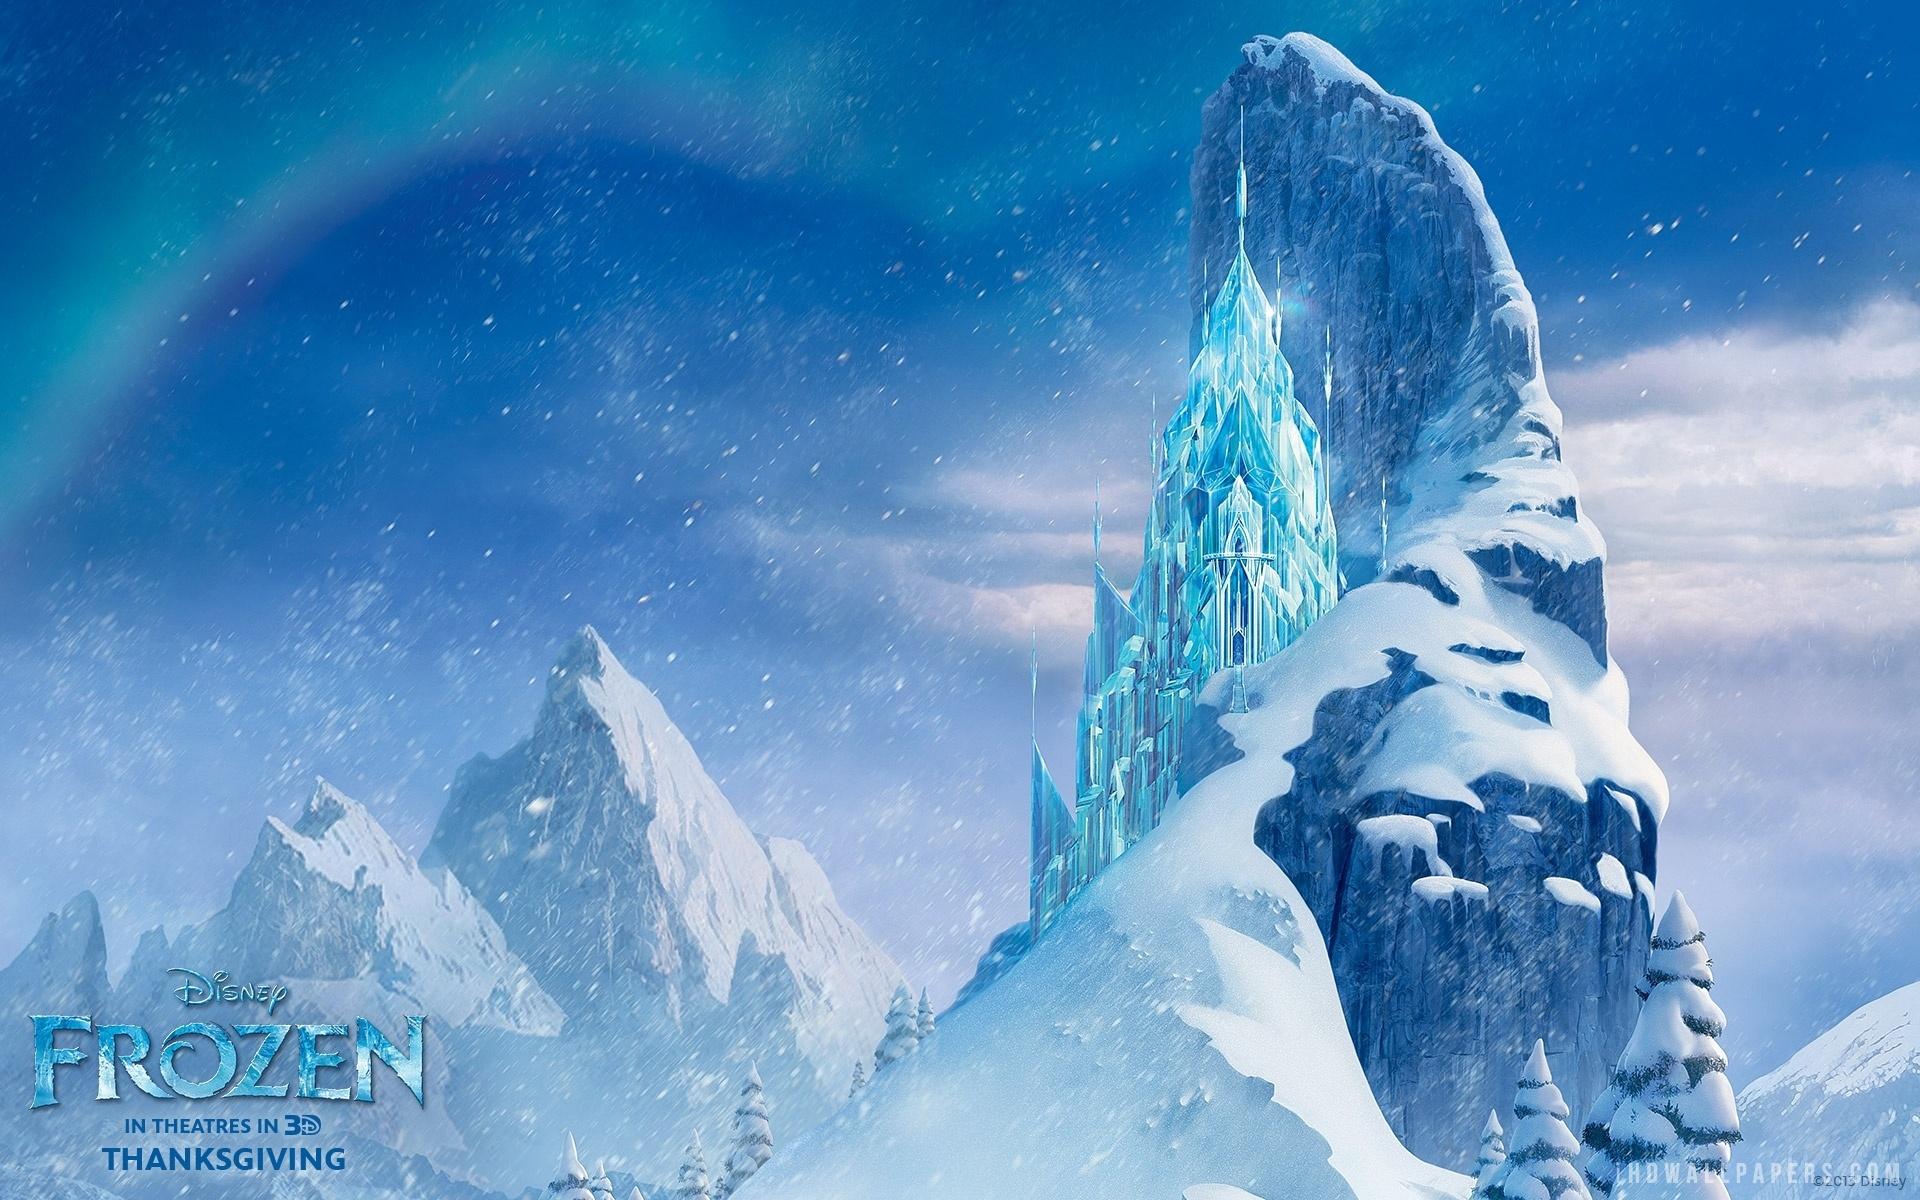 Disney Frozen Castle HD Wallpaper   iHD Wallpapers 1920x1200